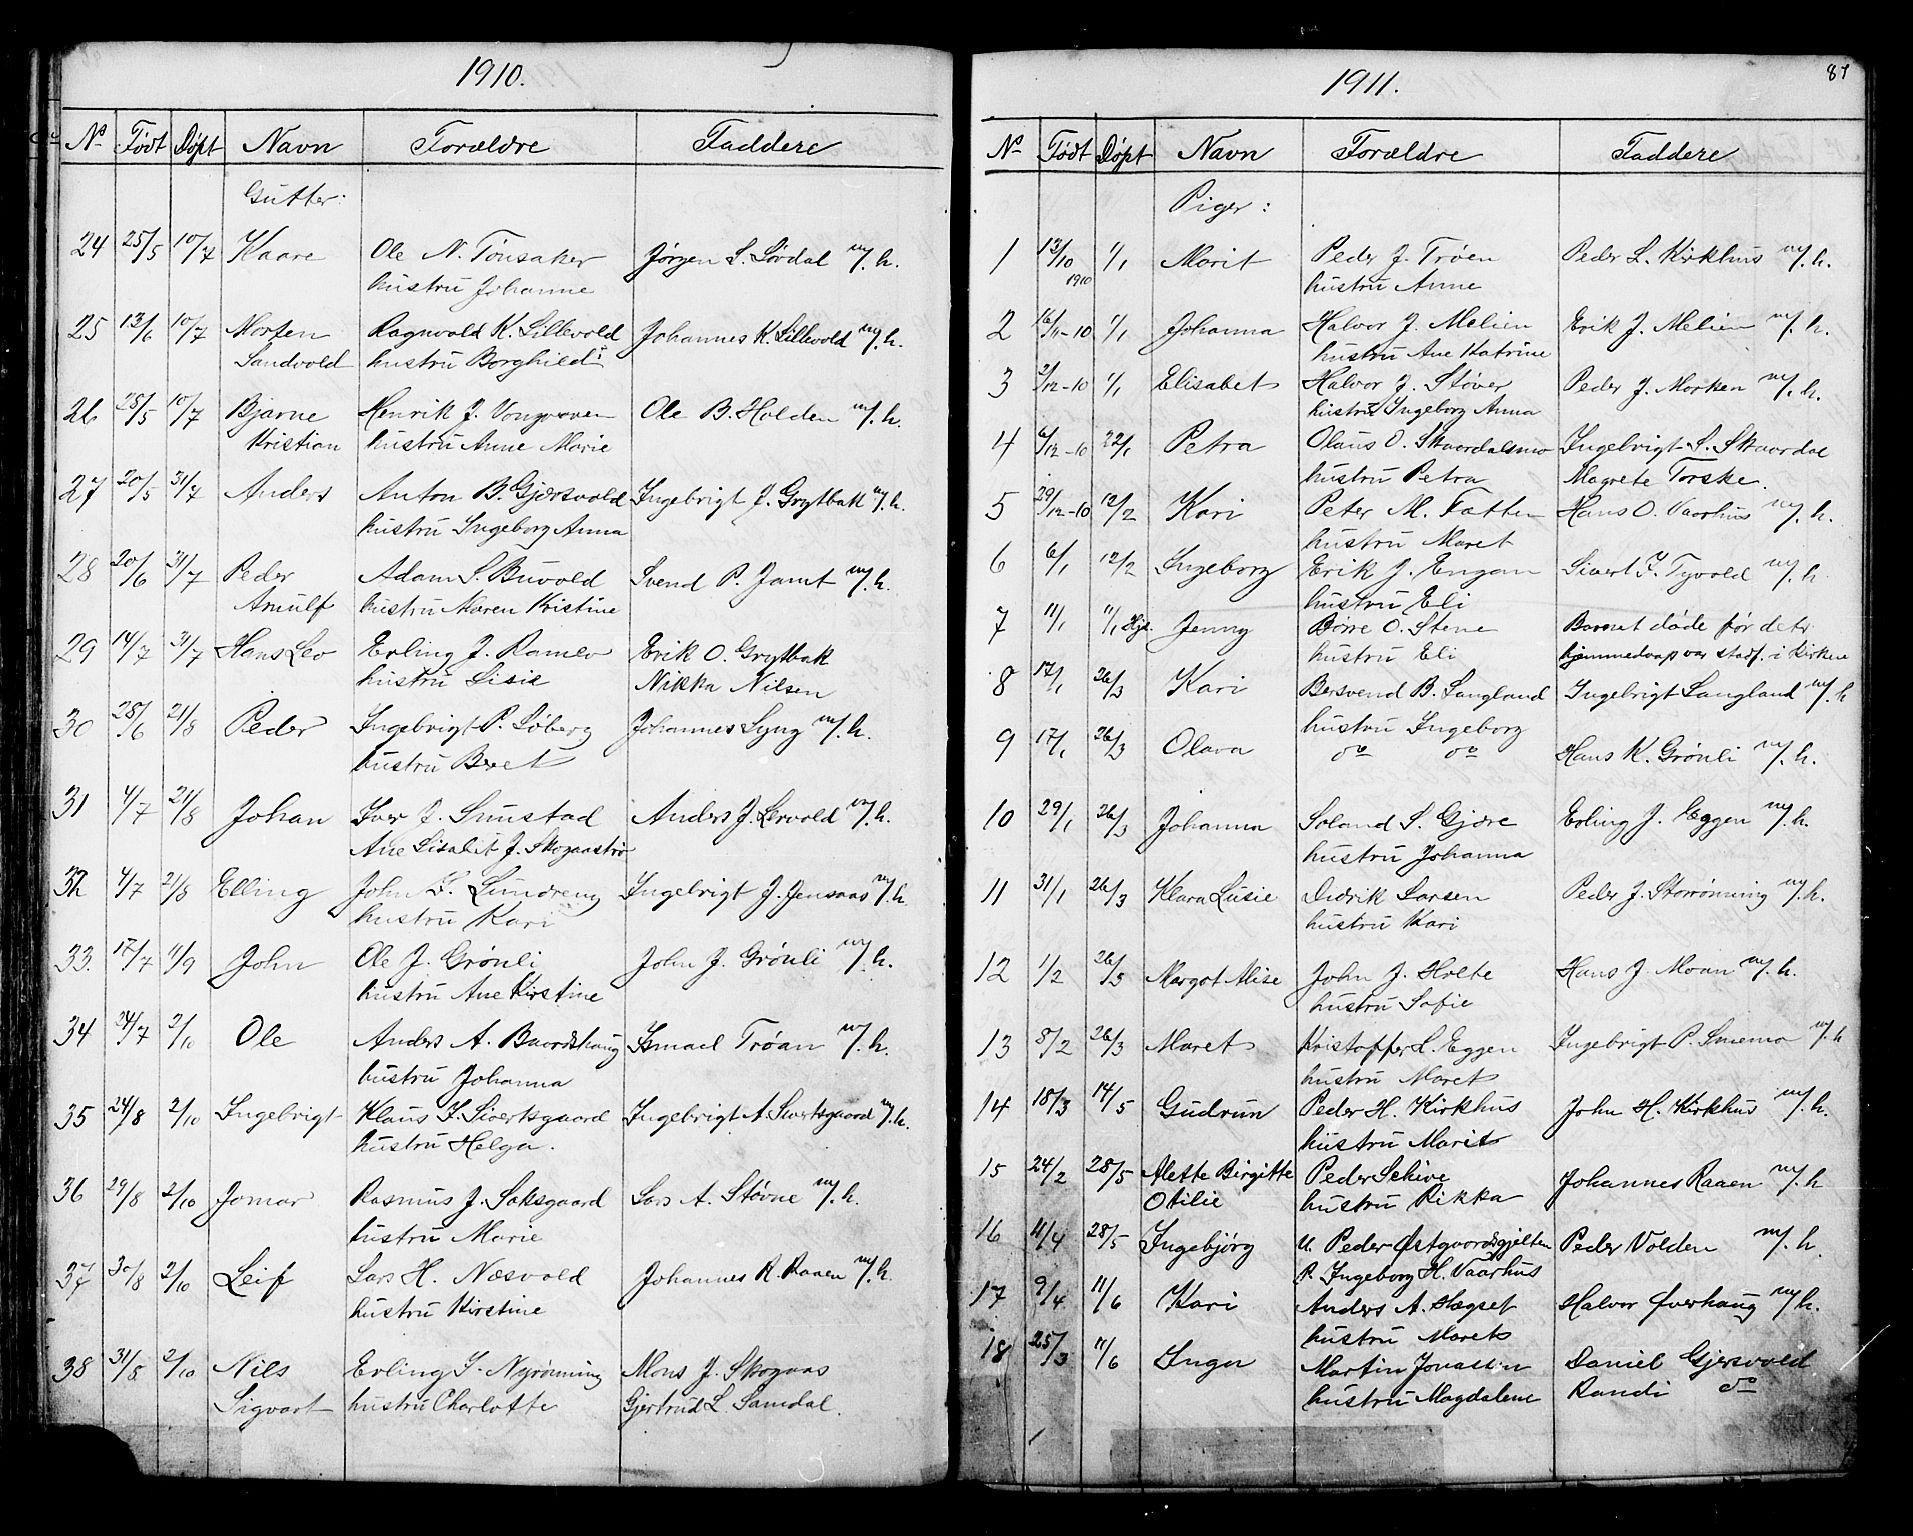 SAT, Ministerialprotokoller, klokkerbøker og fødselsregistre - Sør-Trøndelag, 686/L0985: Klokkerbok nr. 686C01, 1871-1933, s. 87